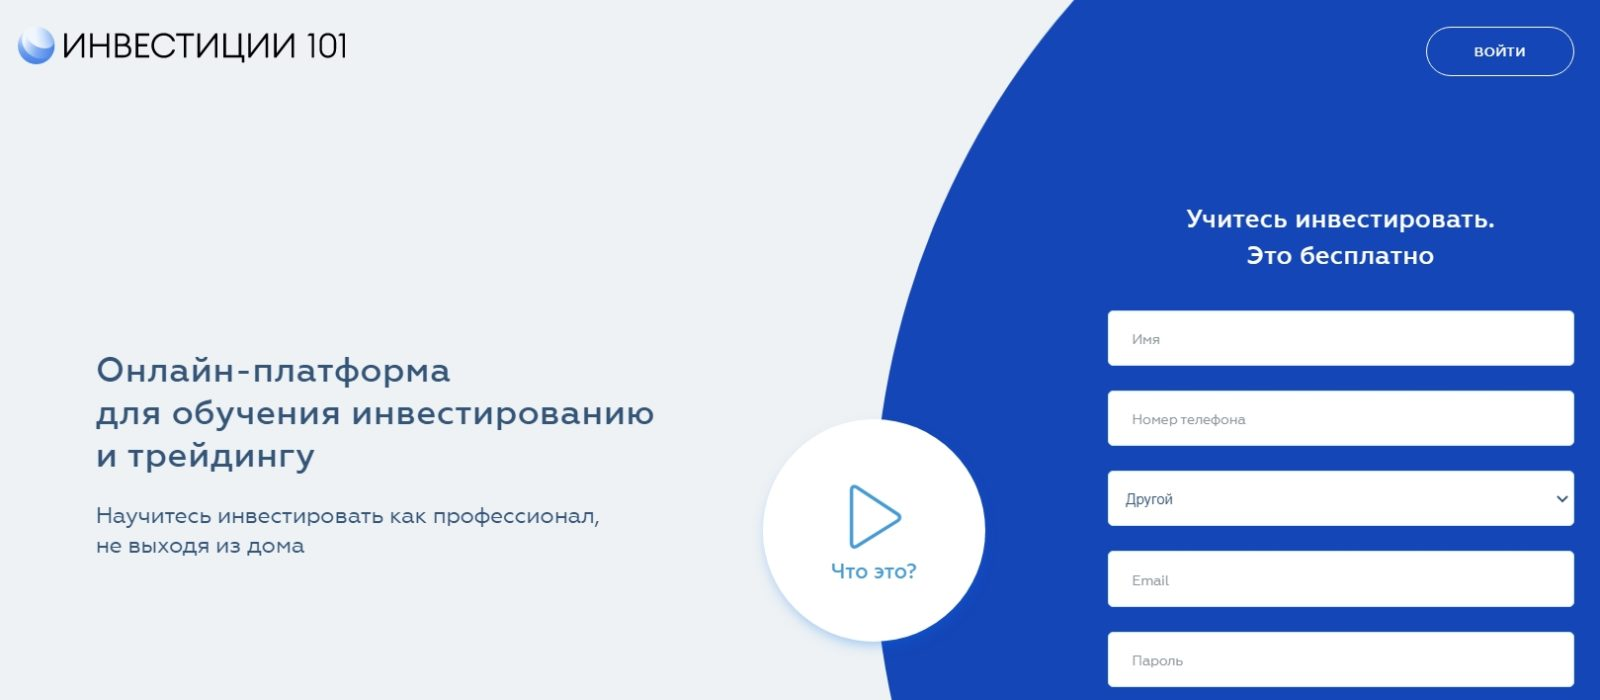 Онлайн платформа Инвестиции 101